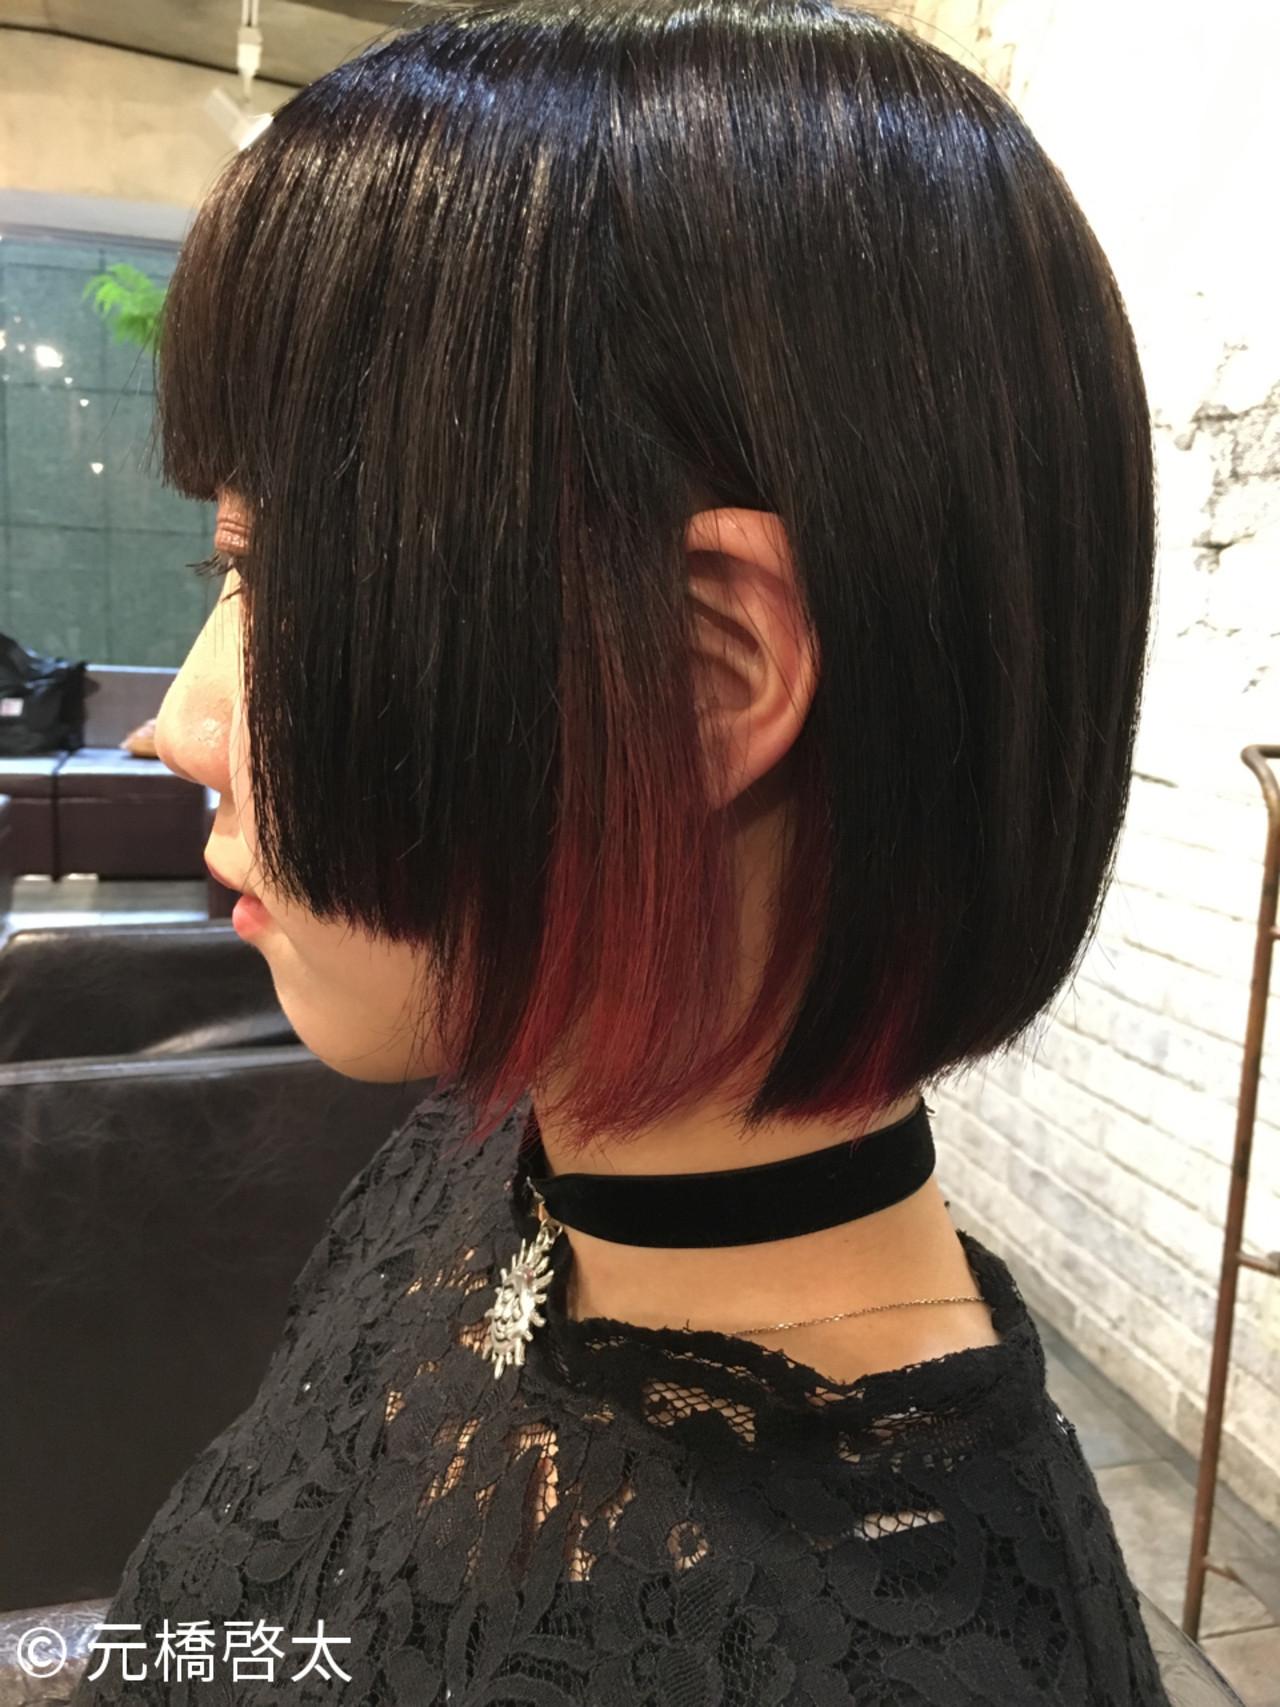 女子力アップ!チェリーピンクの髪色で春らしいモテ髪ゲット♪ 元橋啓太